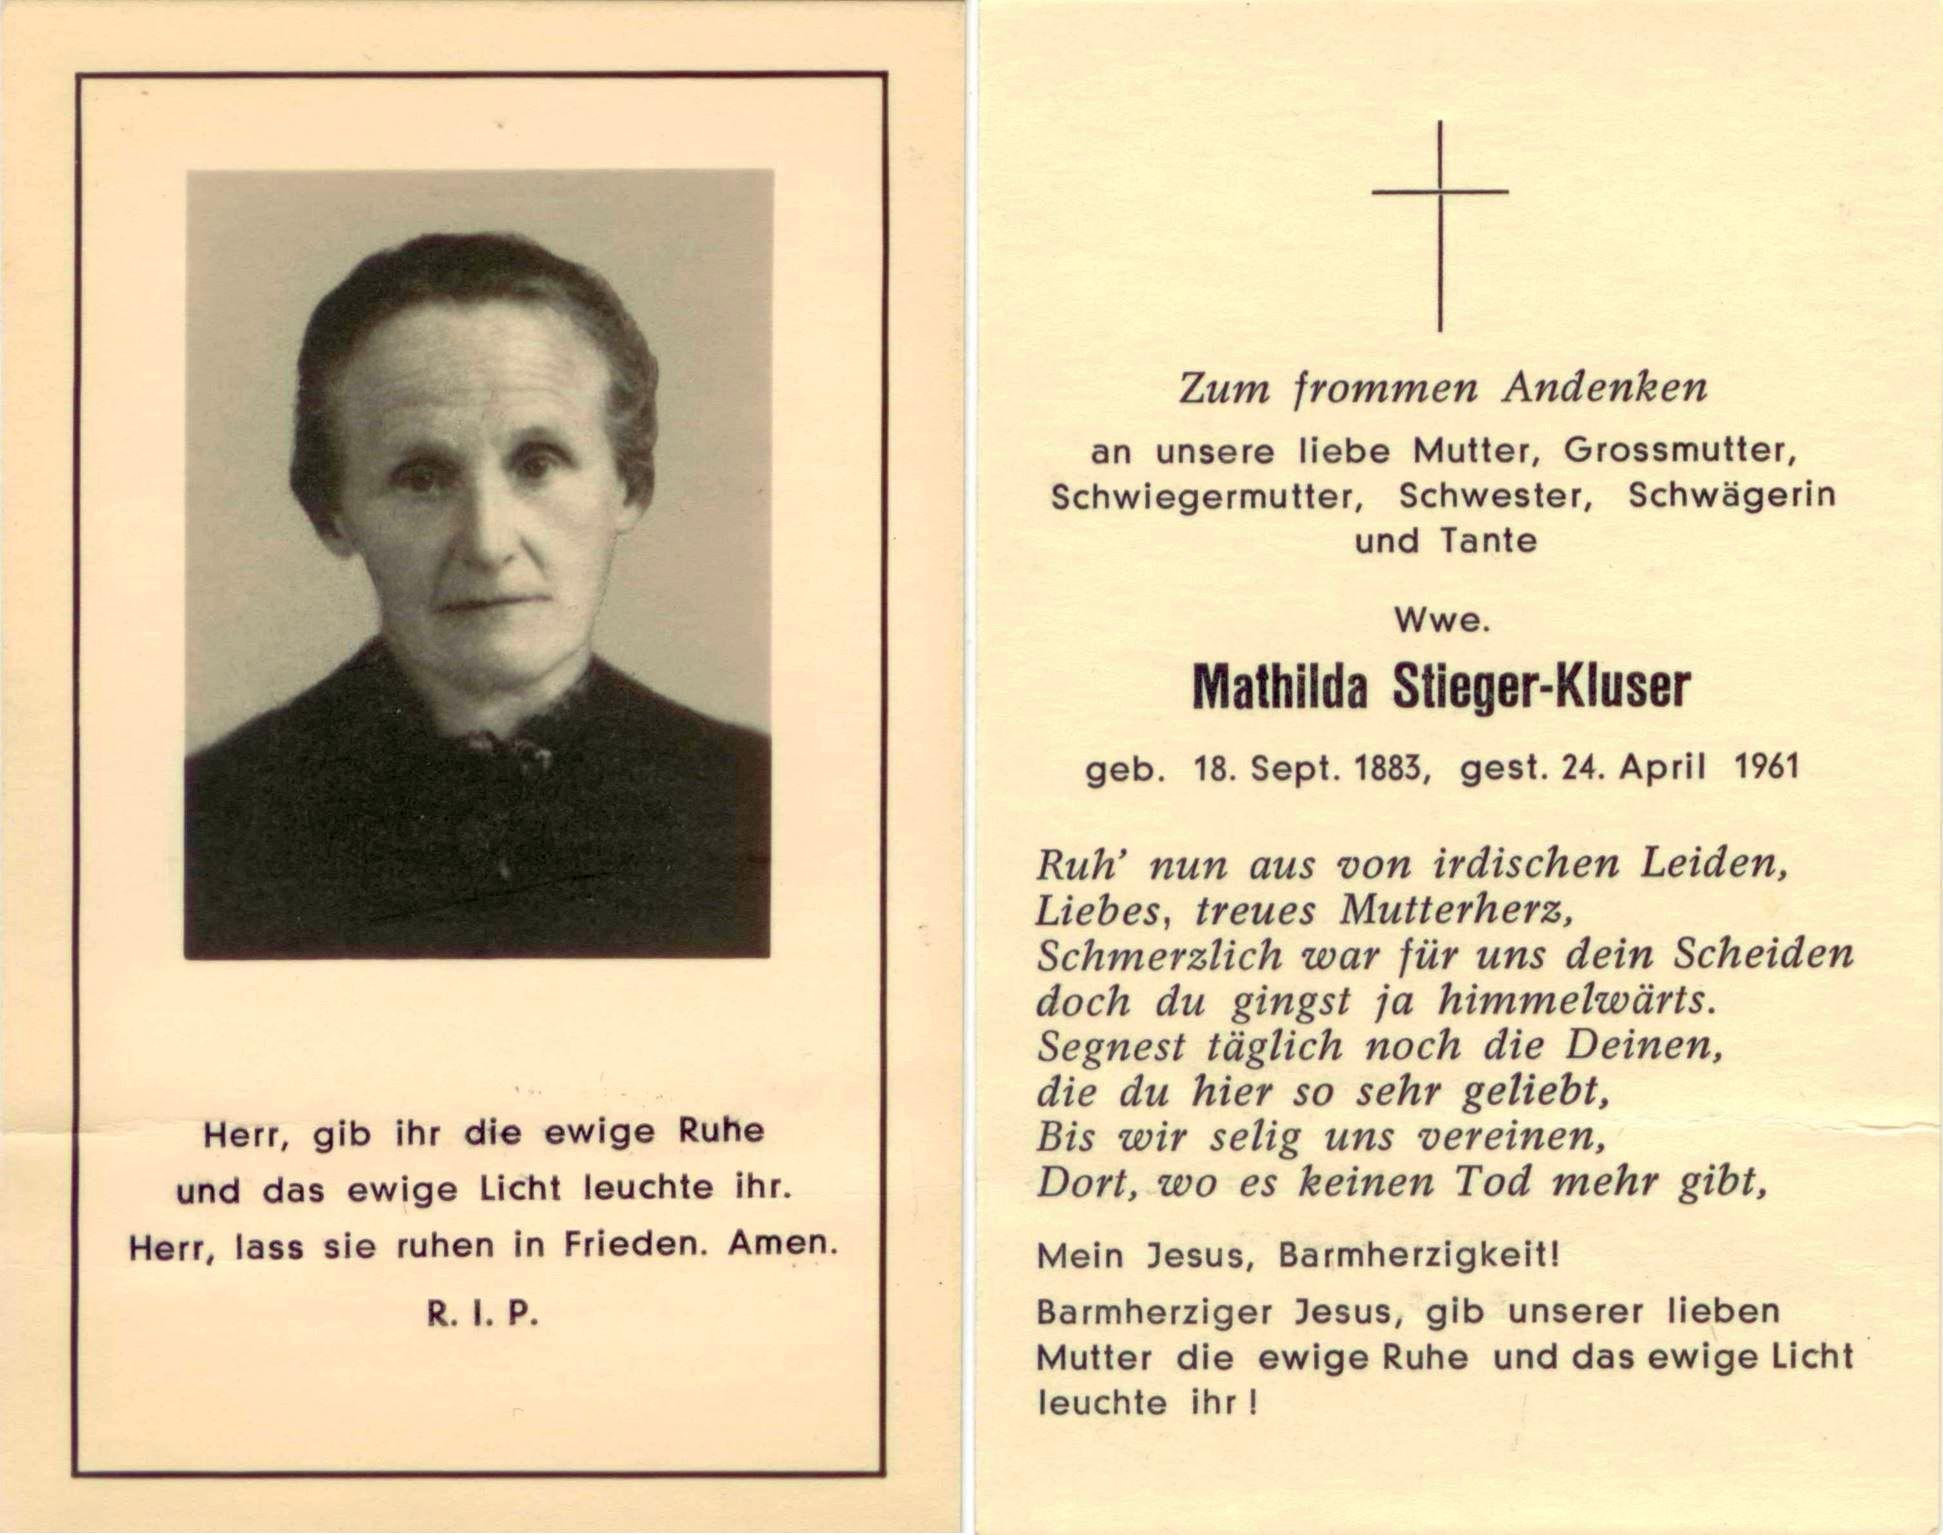 Mathilda Stieger-Kluser (1883-1961)